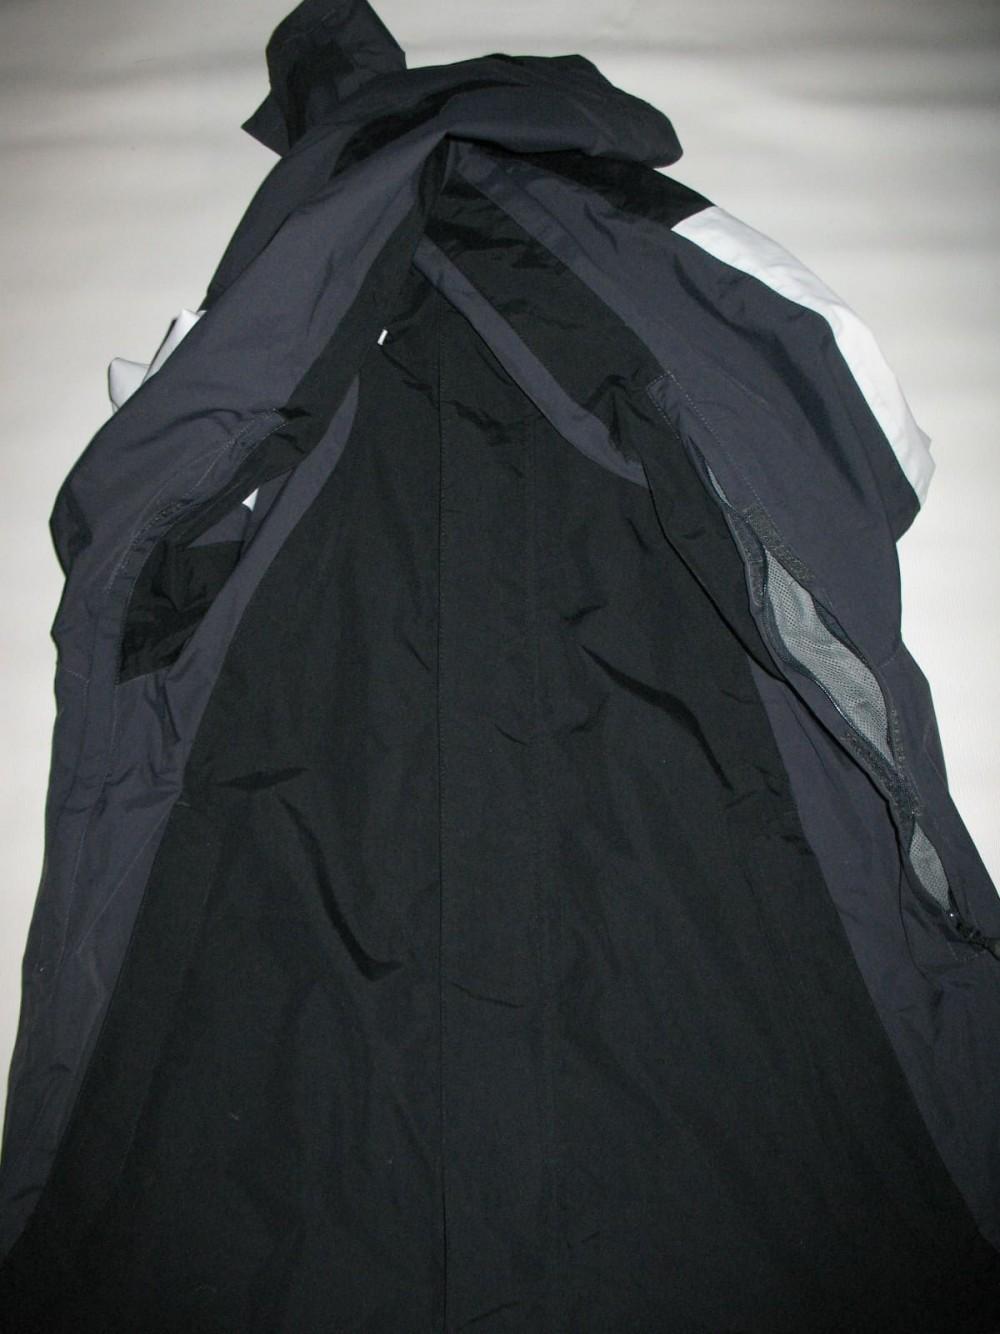 Куртка STORMBERG veiviser jacket (размер L) - 6